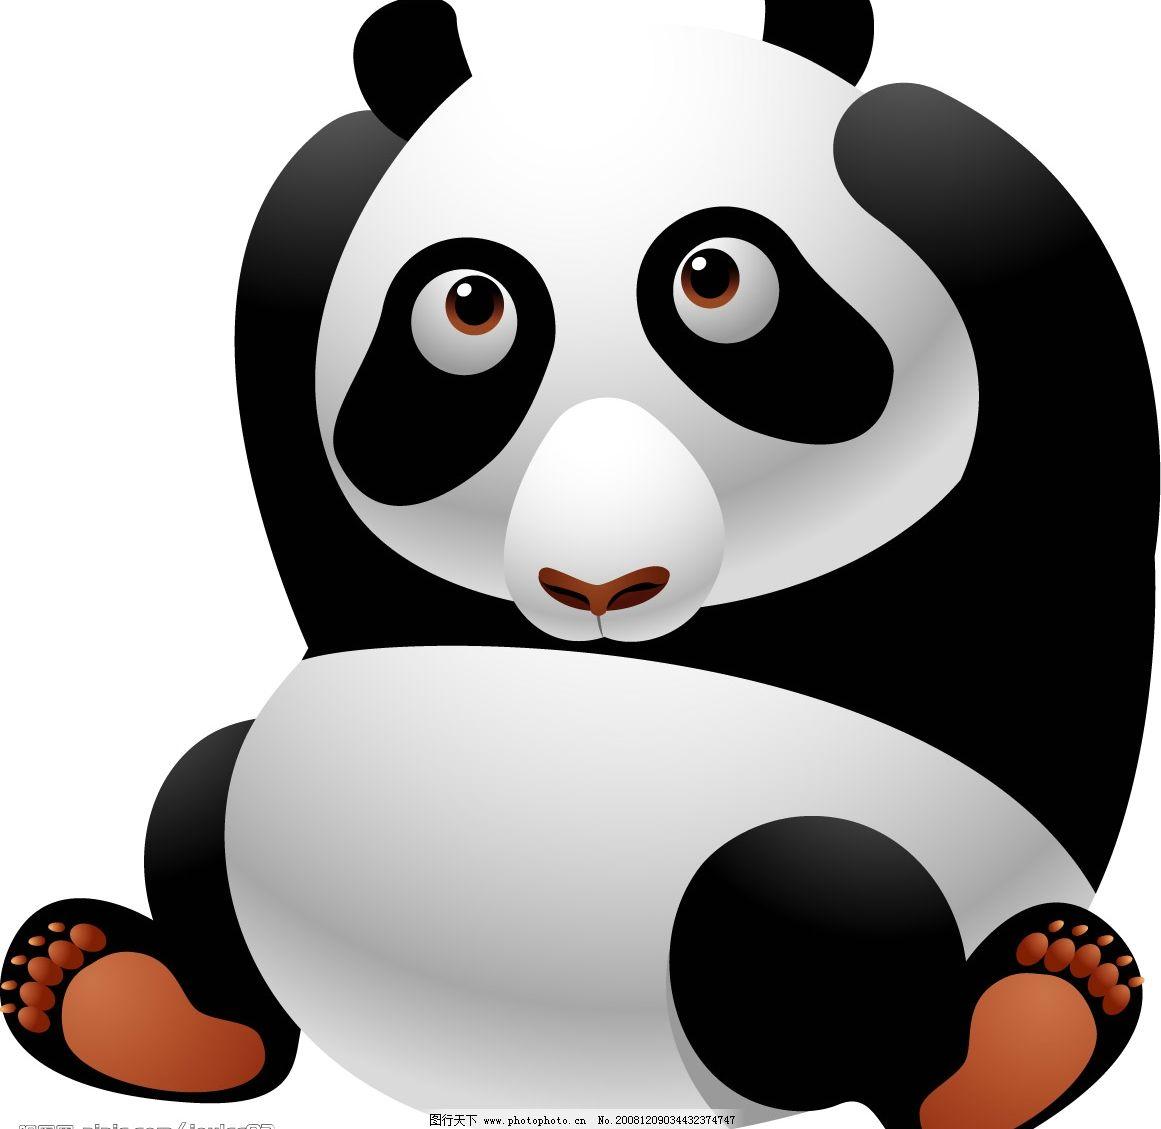 熊猫 抱头的熊猫 可爱小熊猫 矢量图库 可爱动物 ai